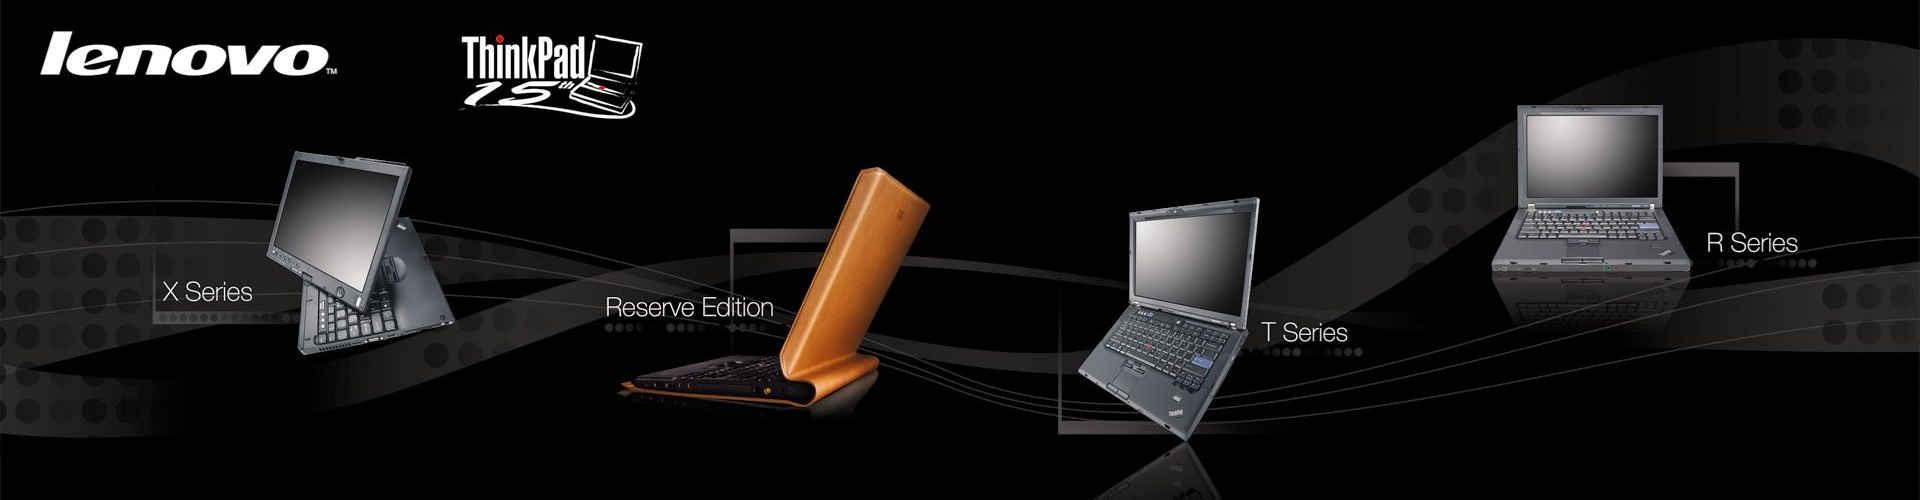 banner laptop lenovo